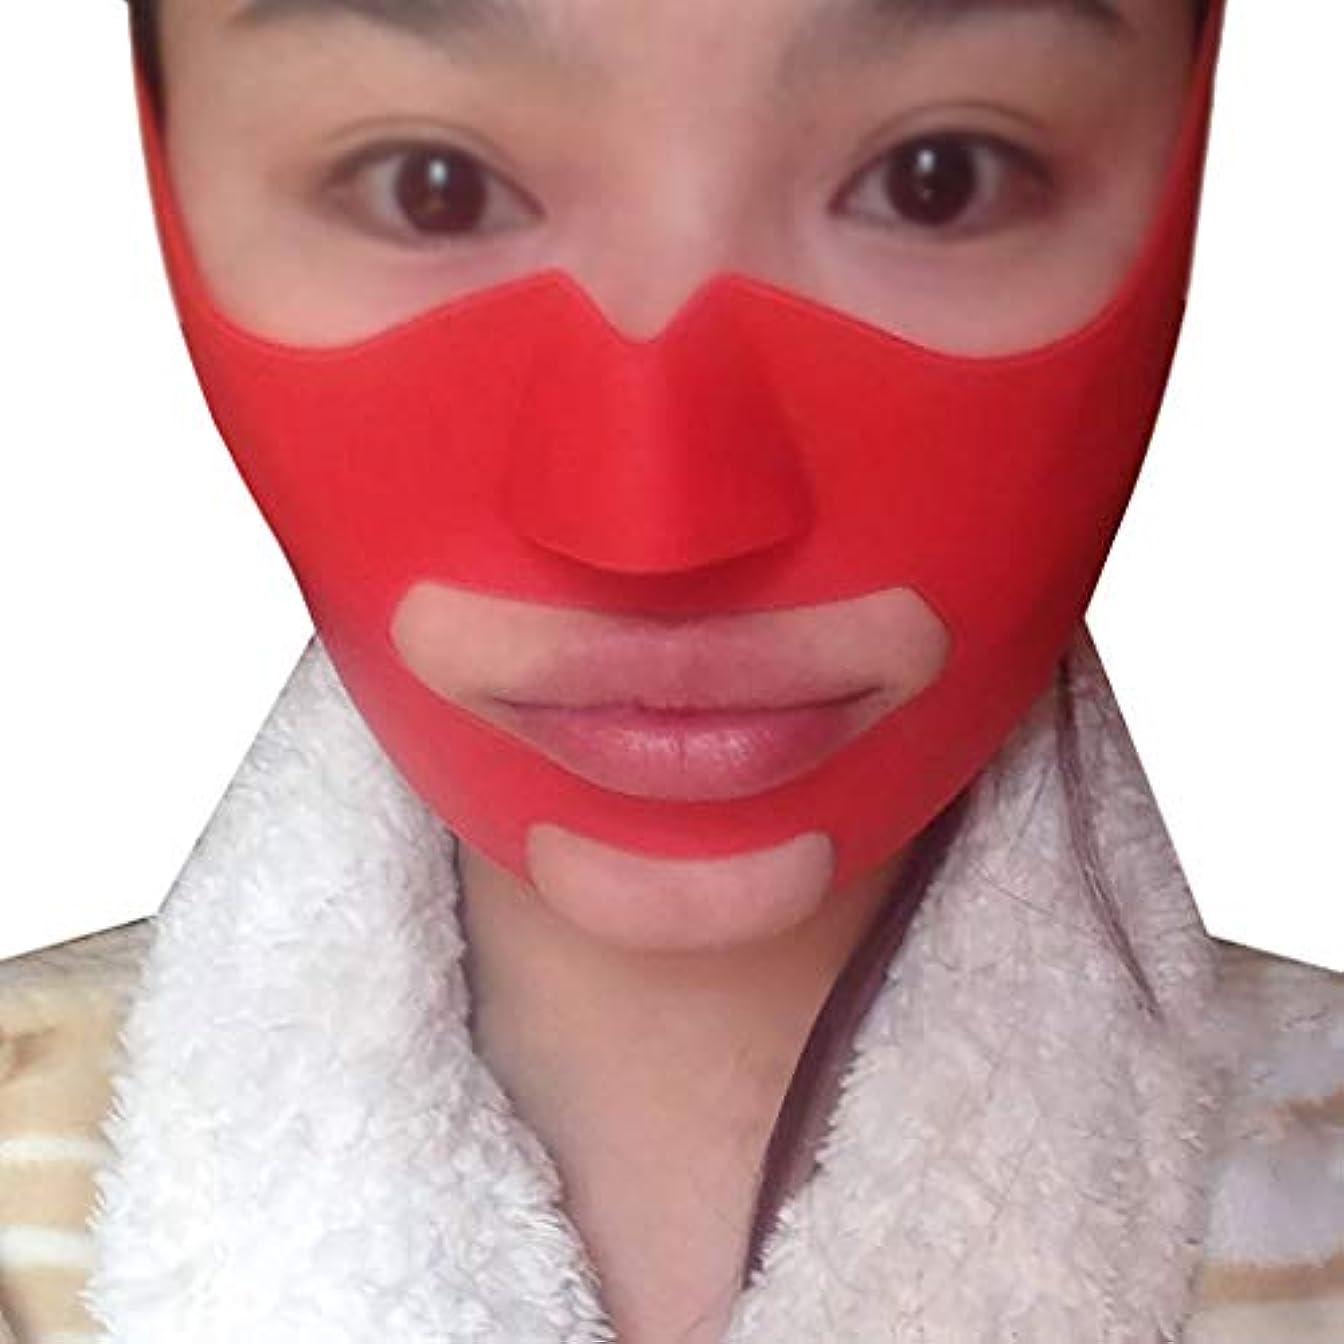 一緒にじみ出る冷蔵するフェイスリフトマスク、シリコーンVフェイスマスクフェイスマスク強力な薄い咬筋の筋肉は、パターンのアーティファクト小さなVフェイス包帯の顔と首のリフトを解くためにリンゴの筋肉を持ち上げます